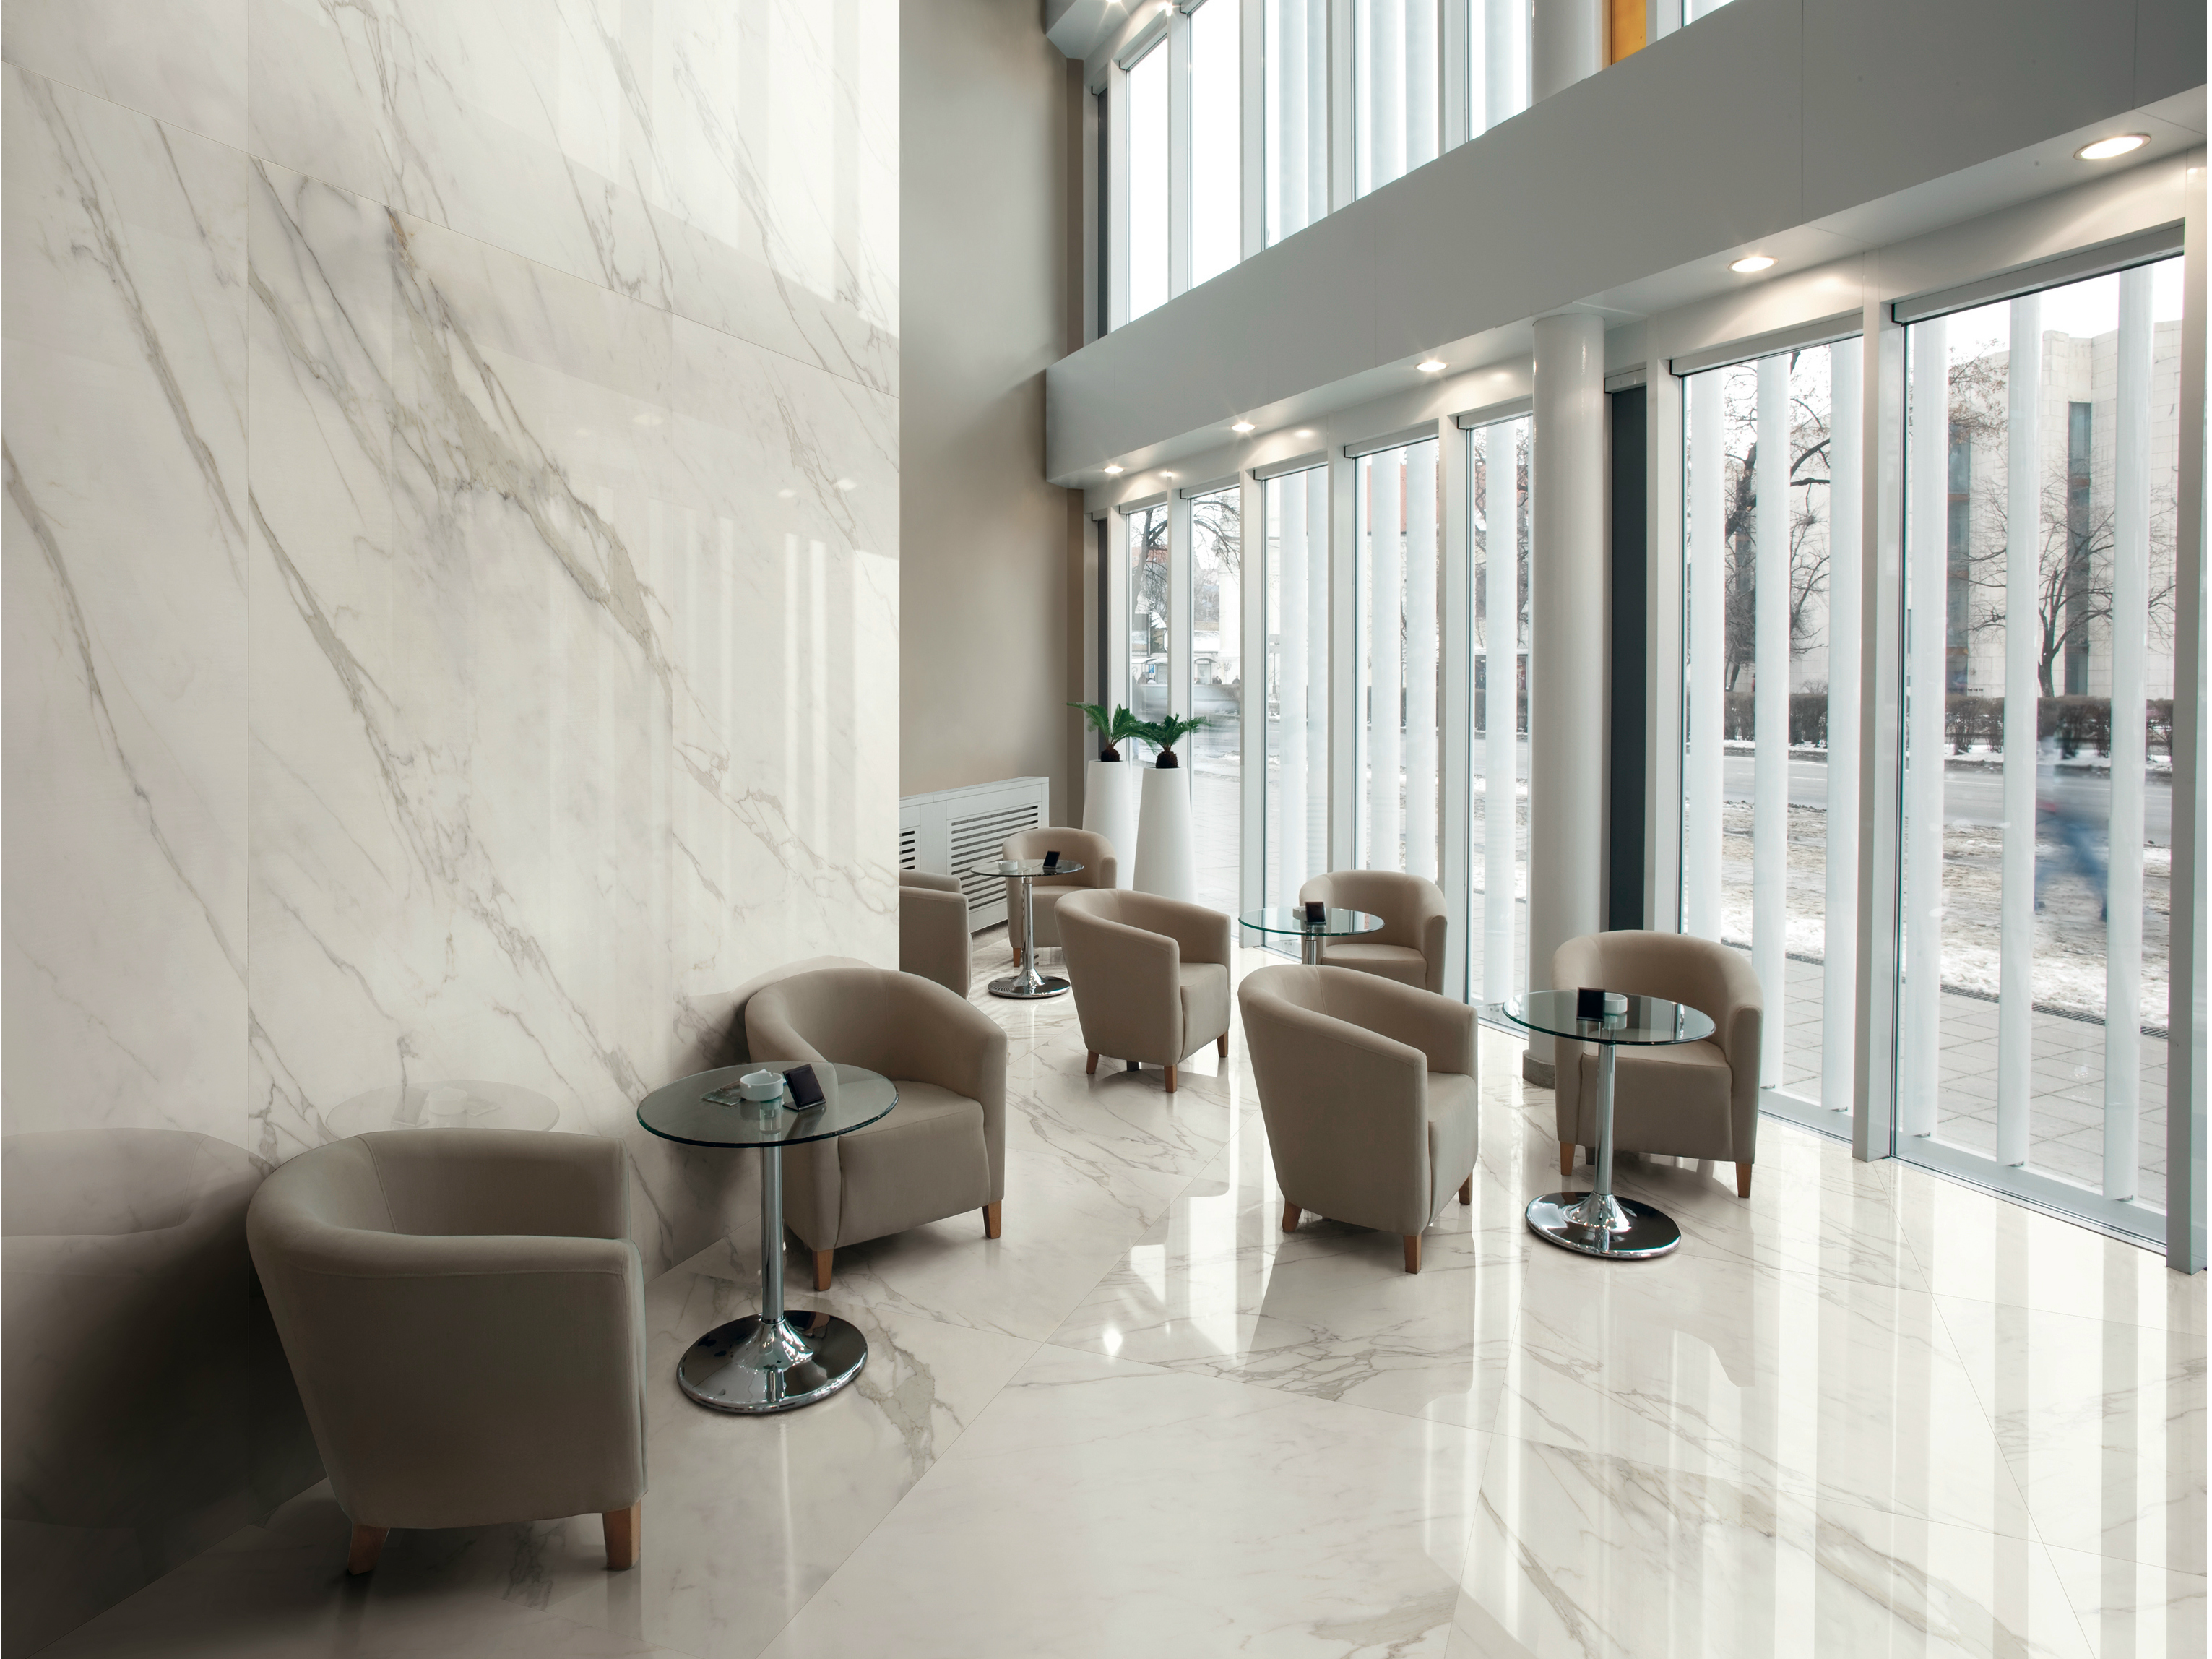 Pavimento rivestimento in gres porcellanato effetto marmo - D fabrica interiorismo ...